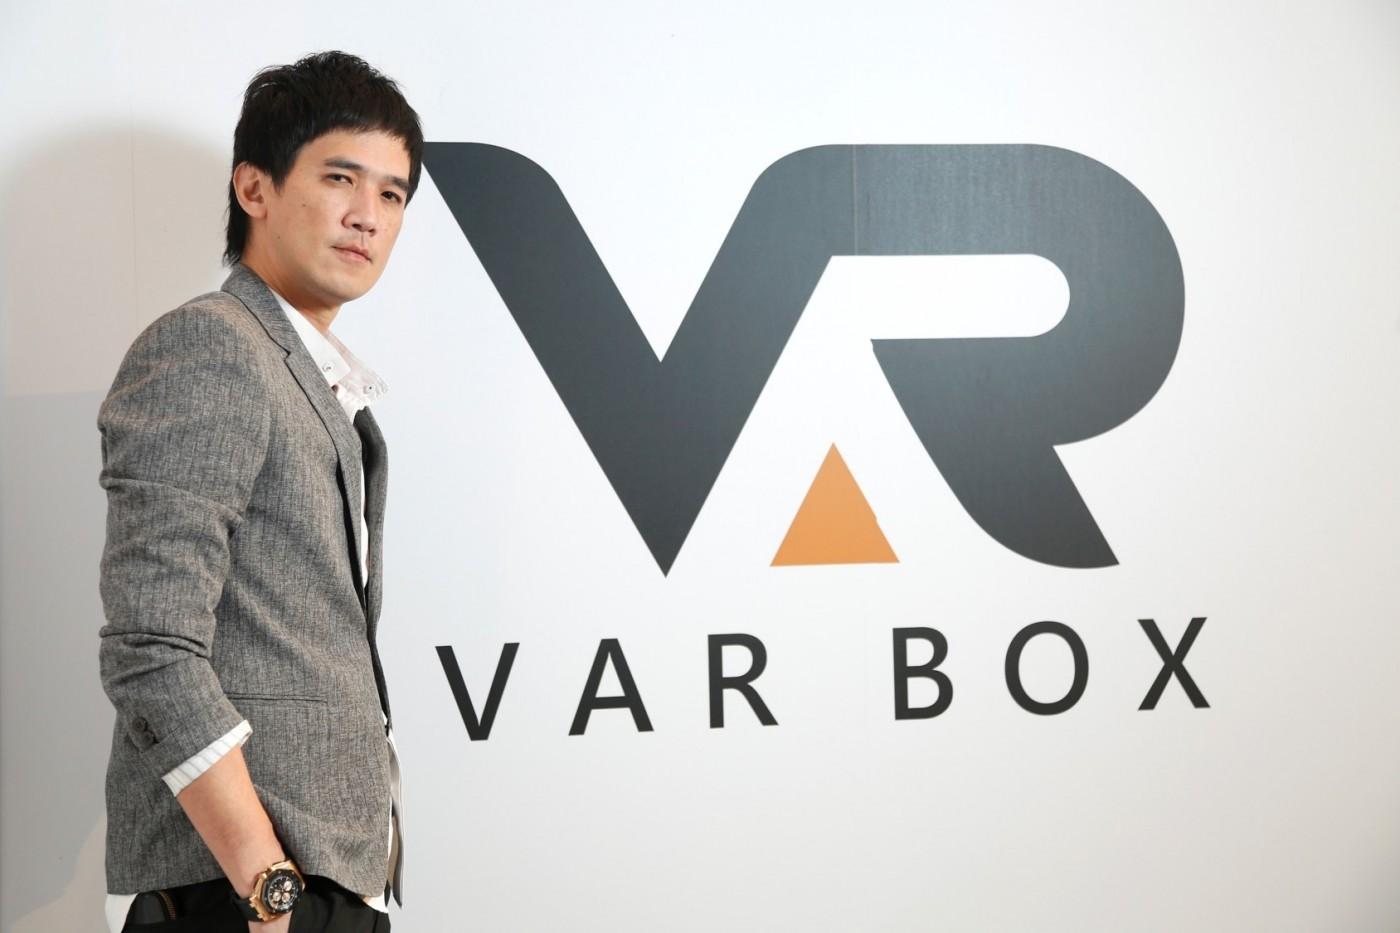 致力於成為VR獨角獸新創 維亞娛樂打造完整VR生態系